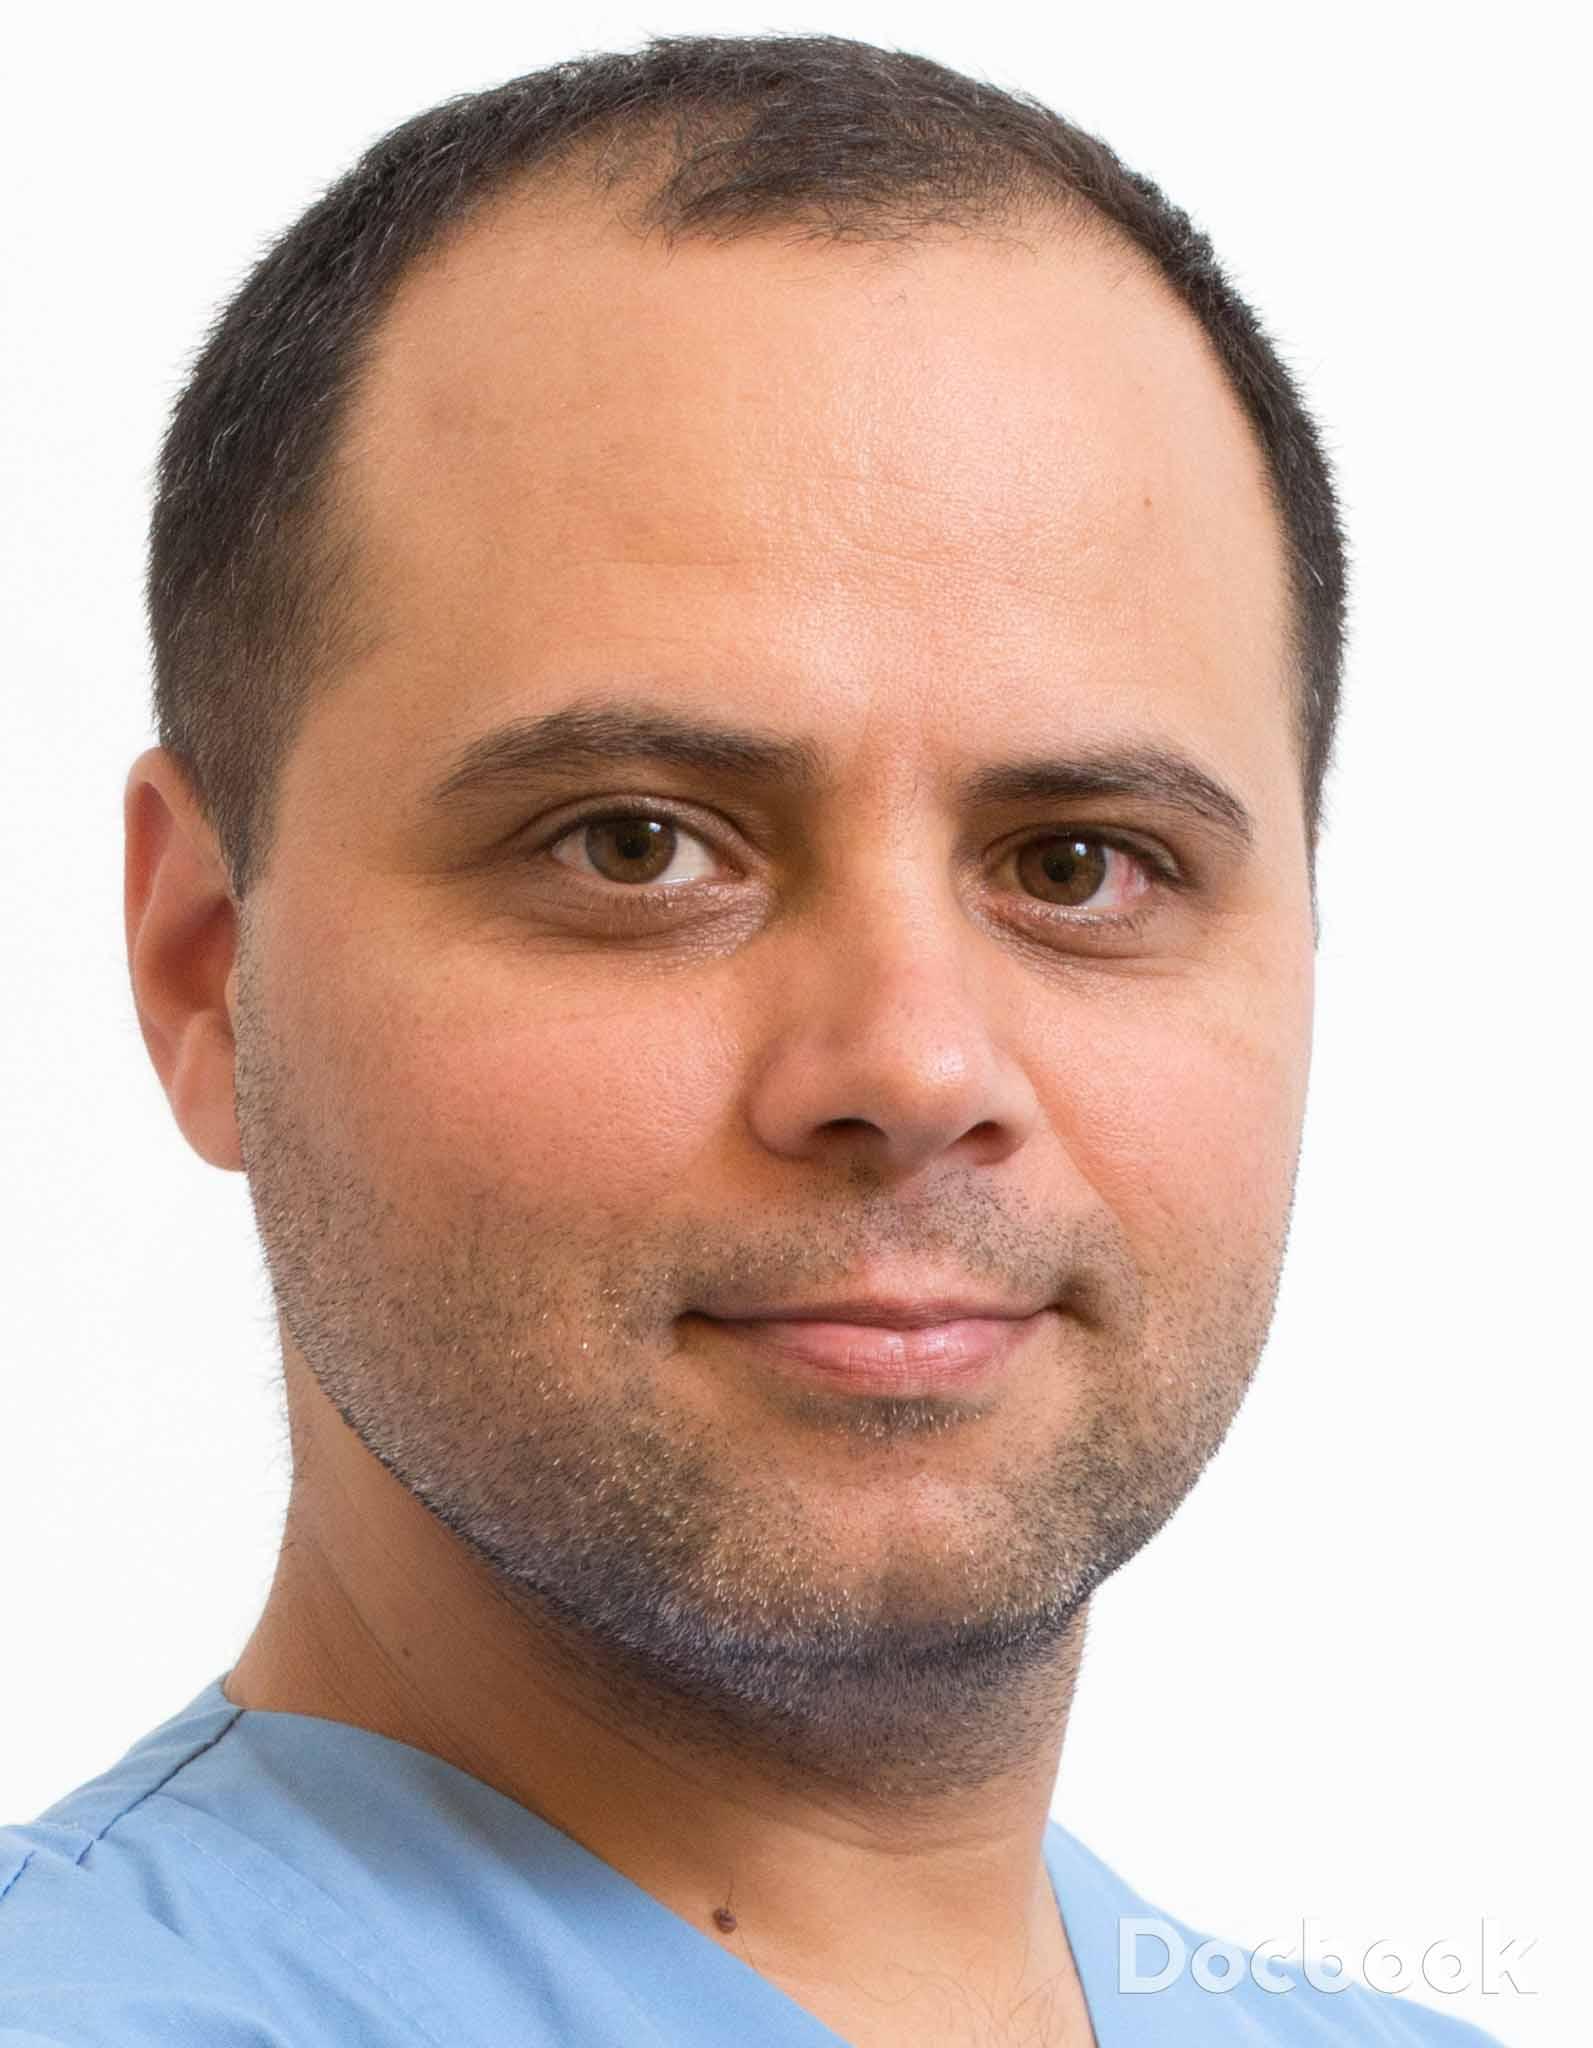 Dr. Marius Mandroc